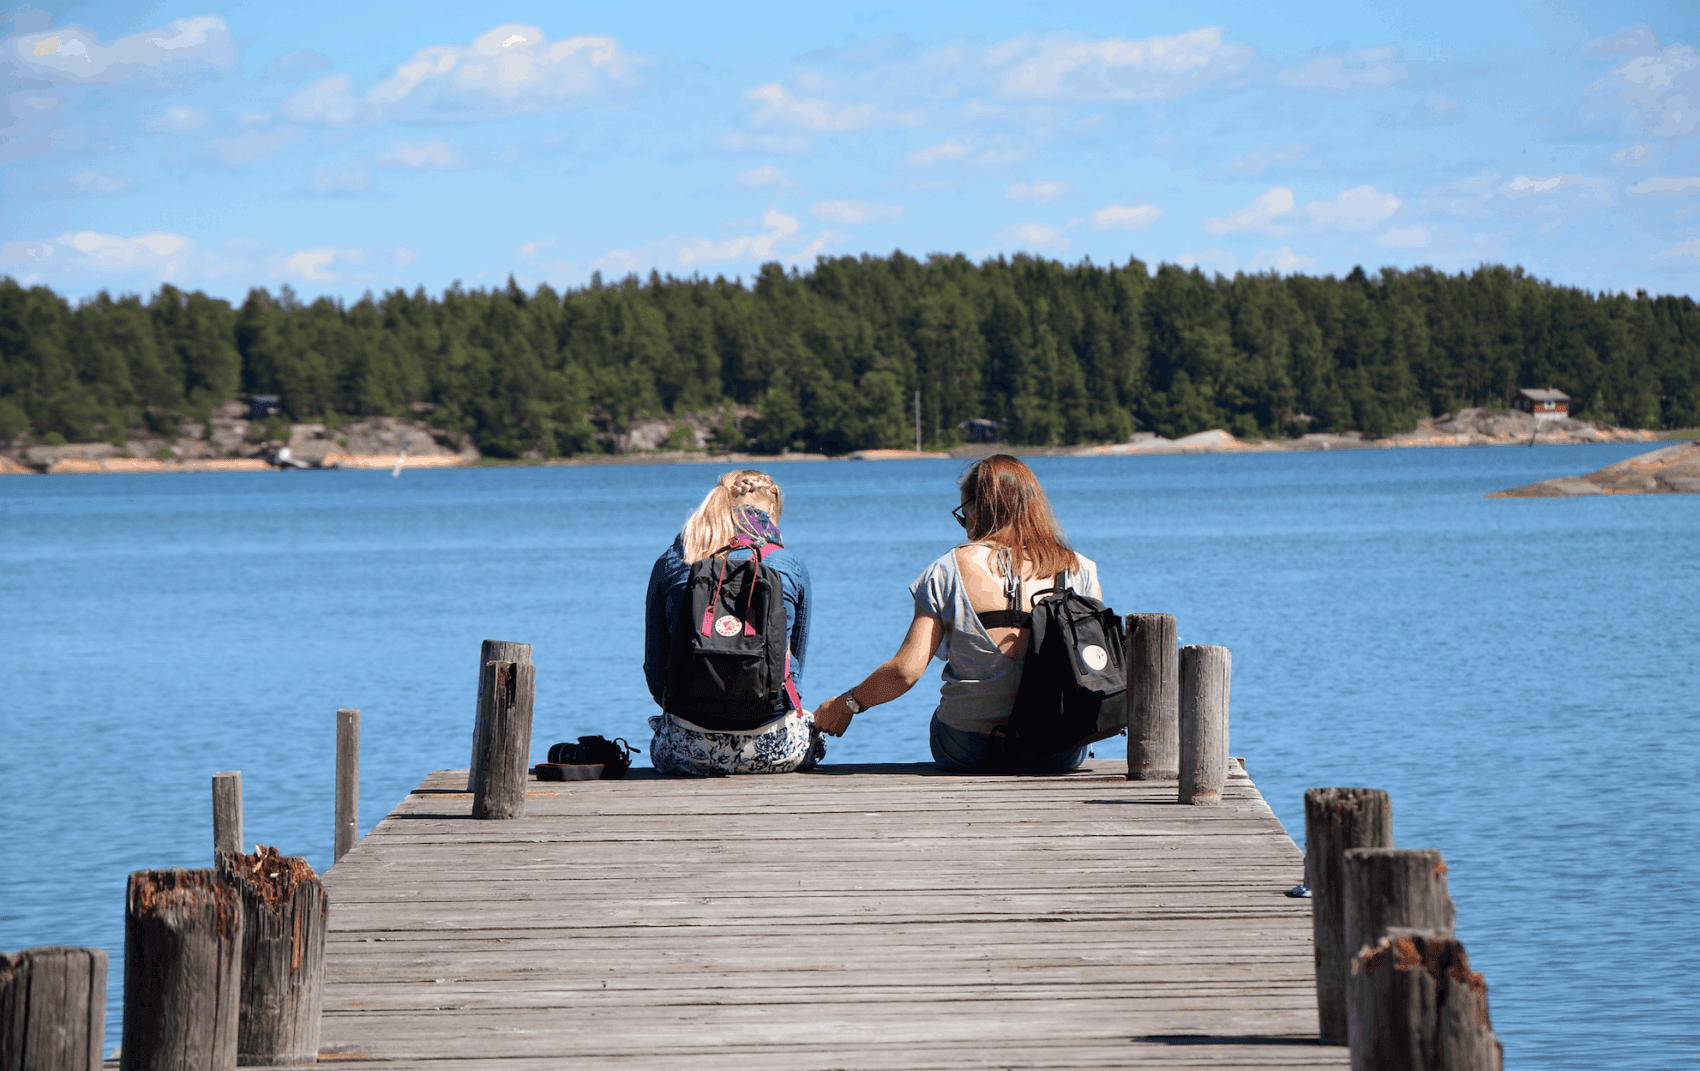 Finnland: Zwei jungen Frauen sitzen auf einem Steg